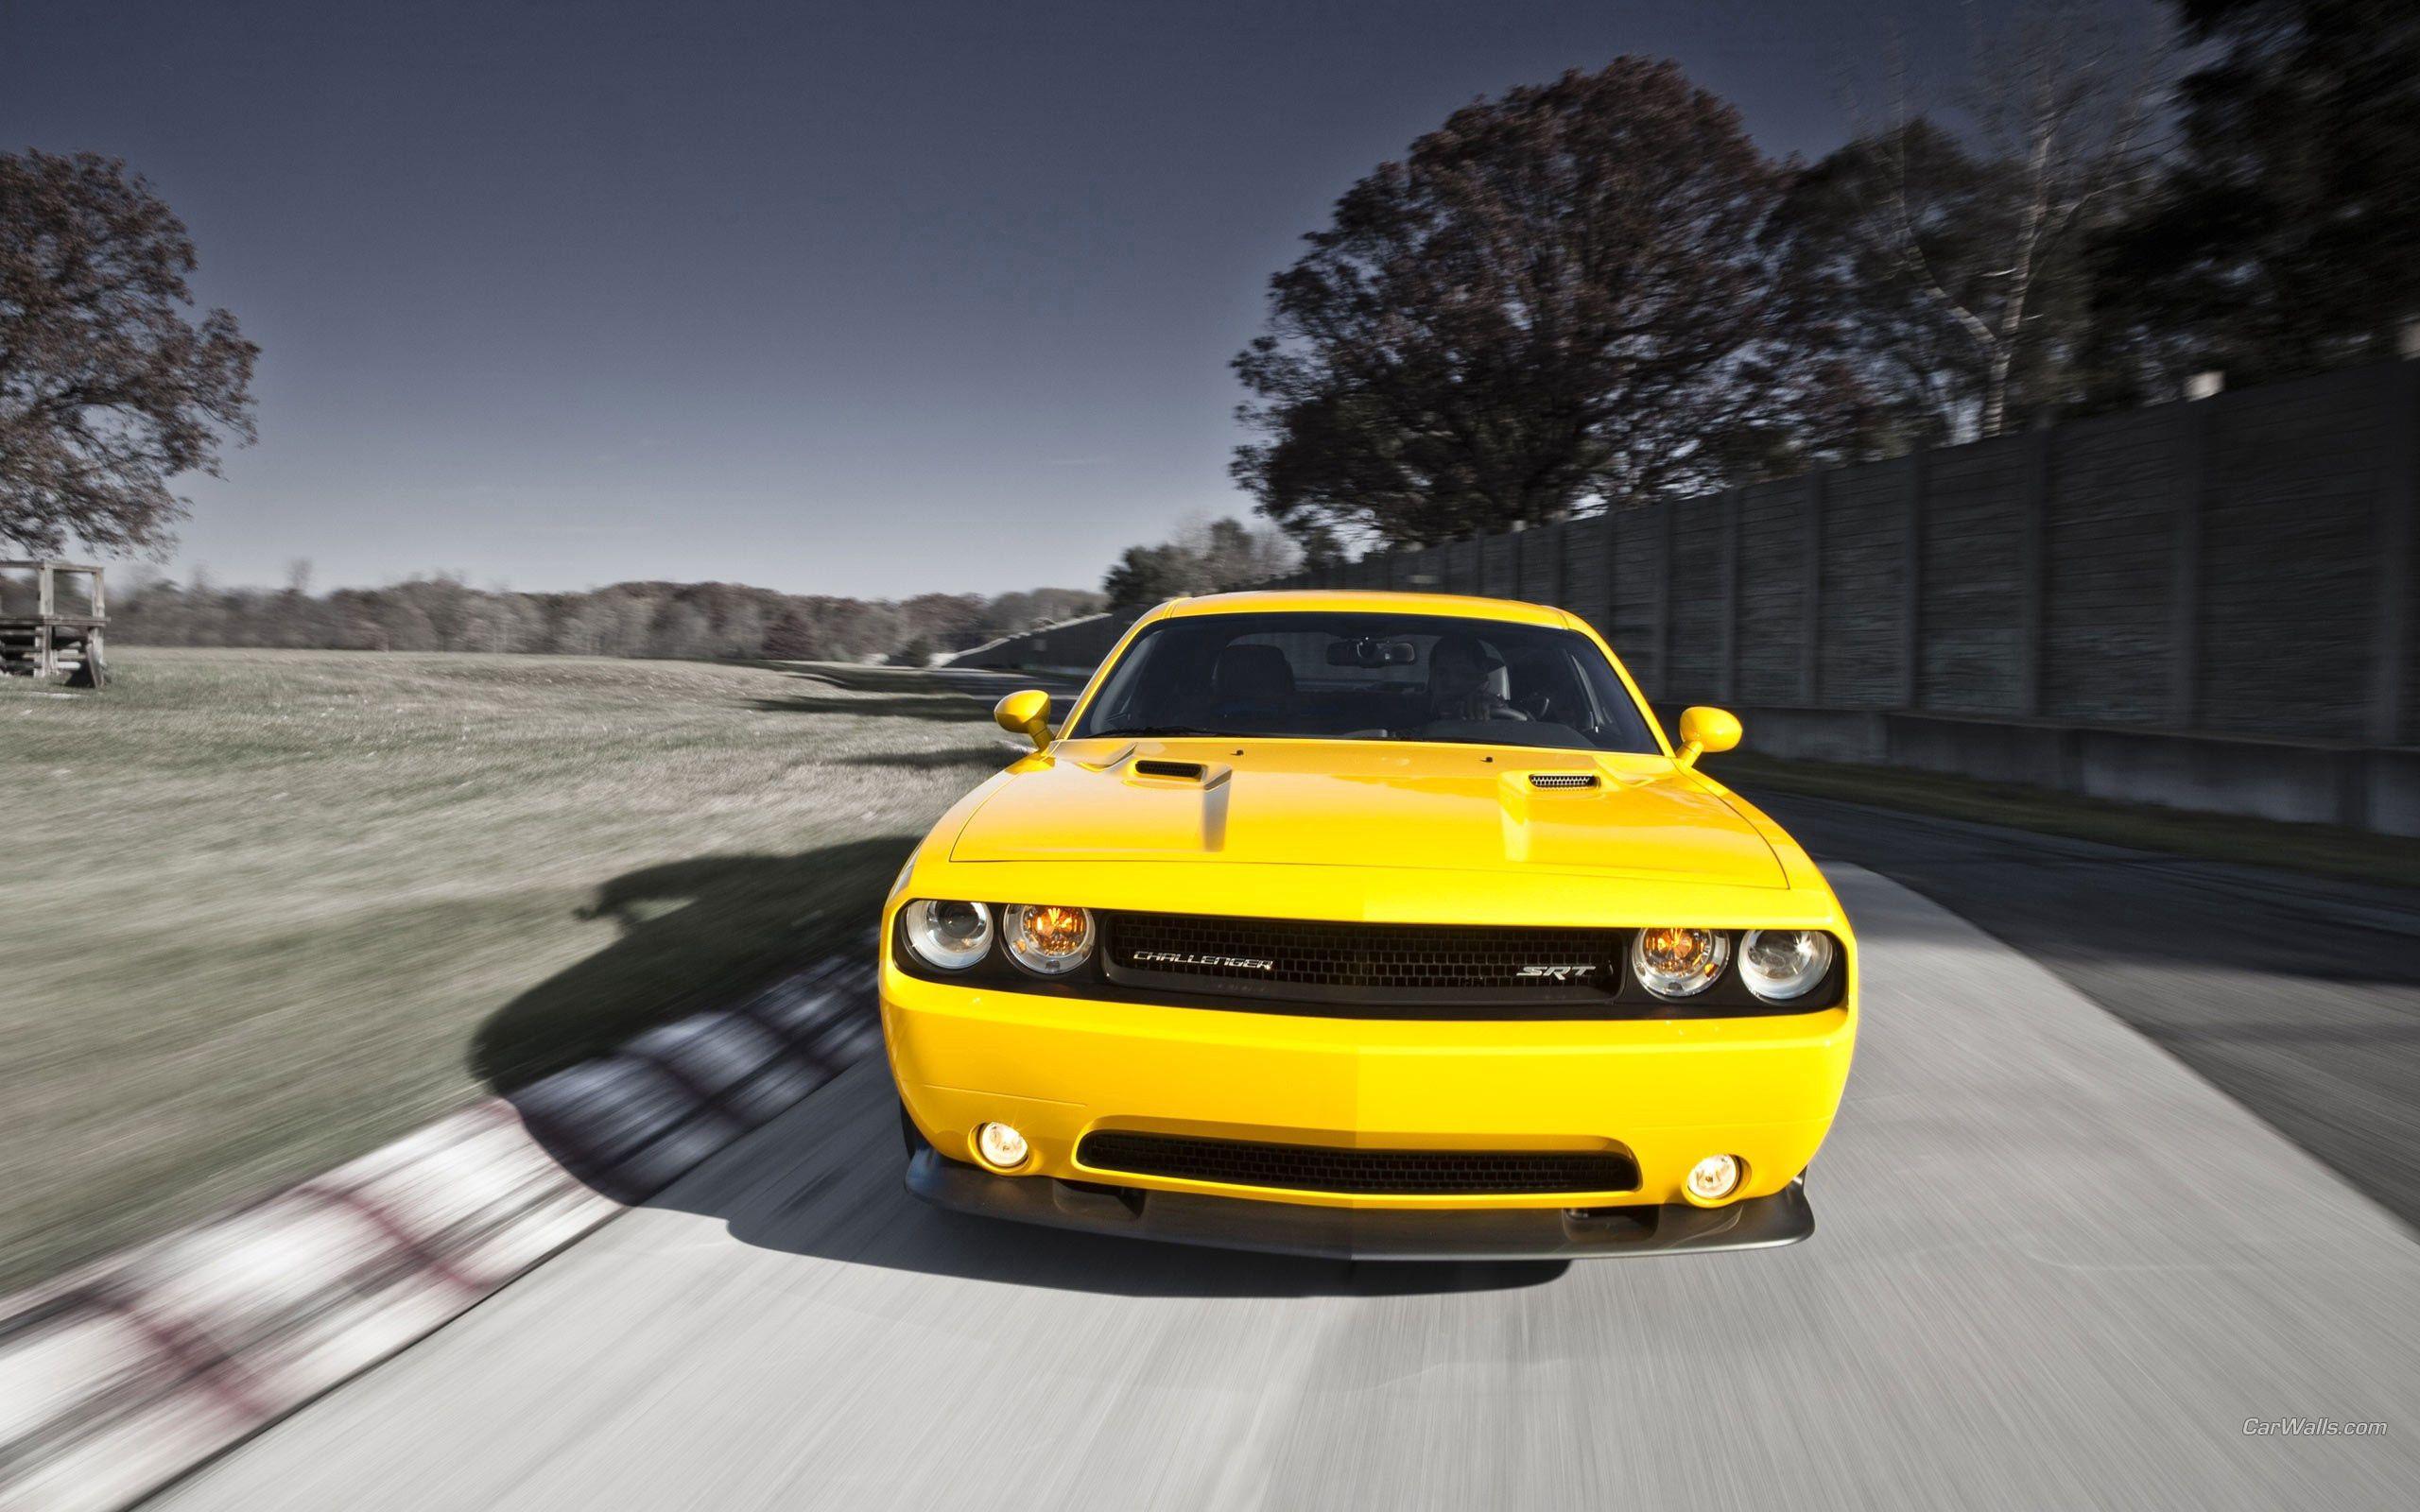 79704 Hintergrundbild herunterladen Auto, Dodge Challenger, Cars, Geschwindigkeit, Stil, Srt8 392 - Bildschirmschoner und Bilder kostenlos